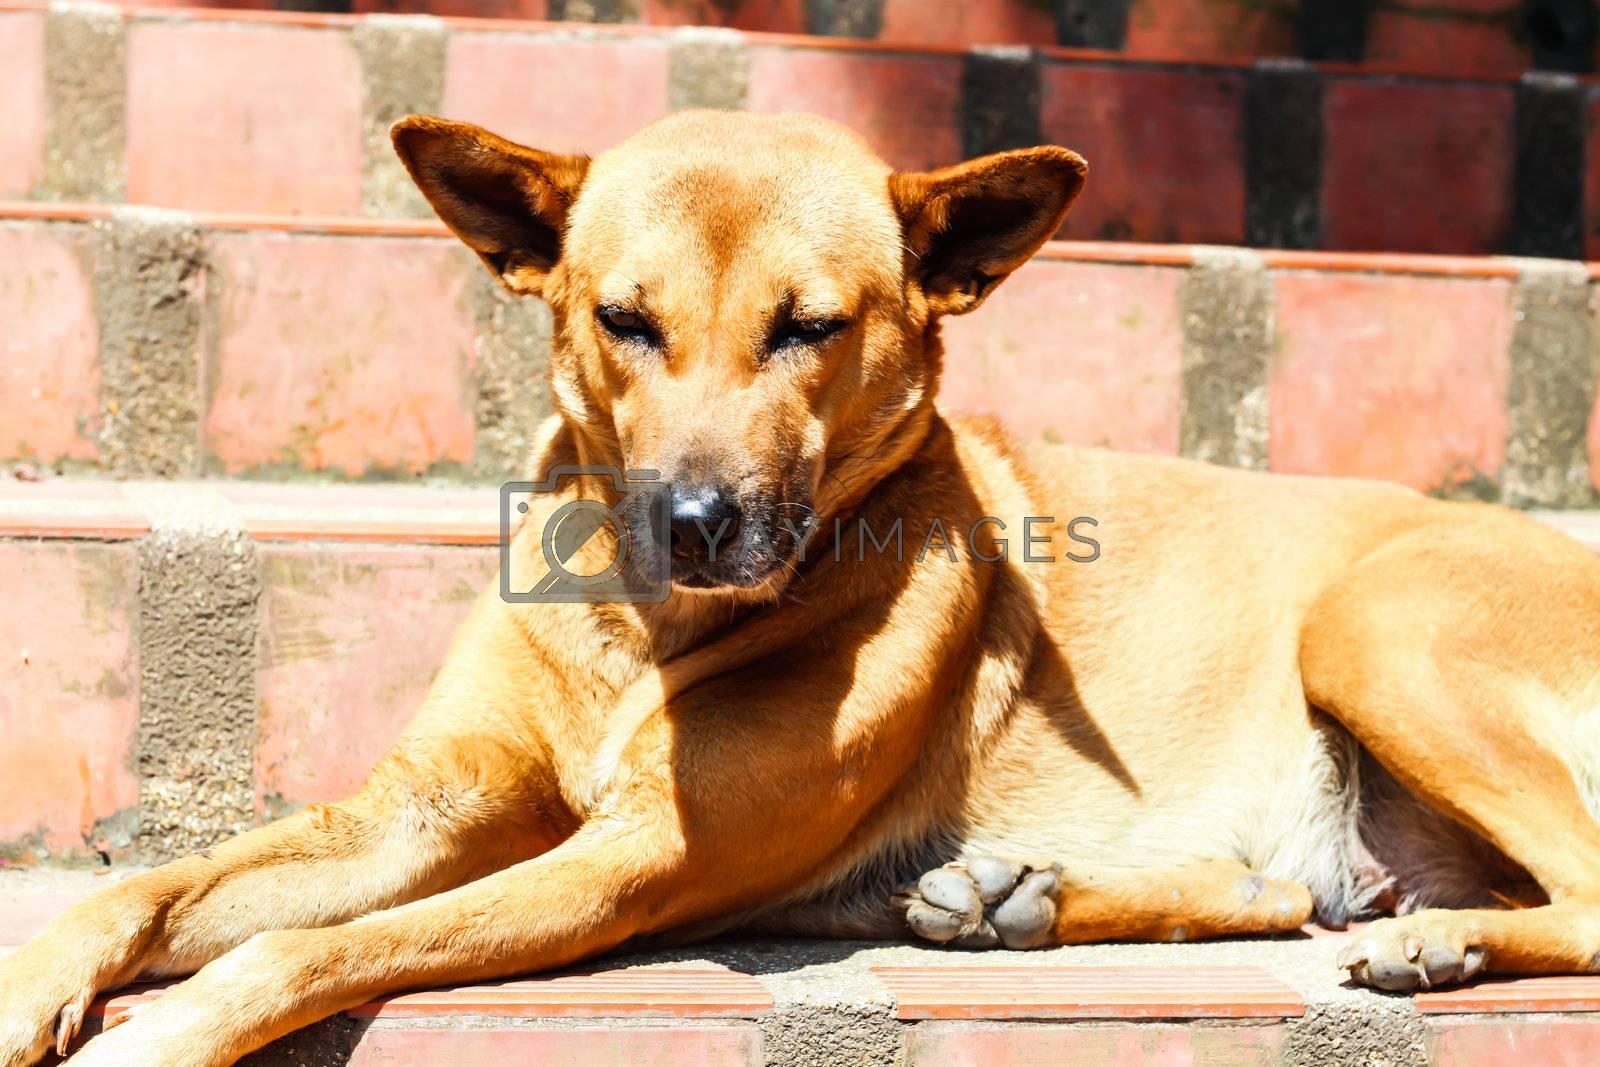 A Sleepy Brown Dog in Sunshine Day